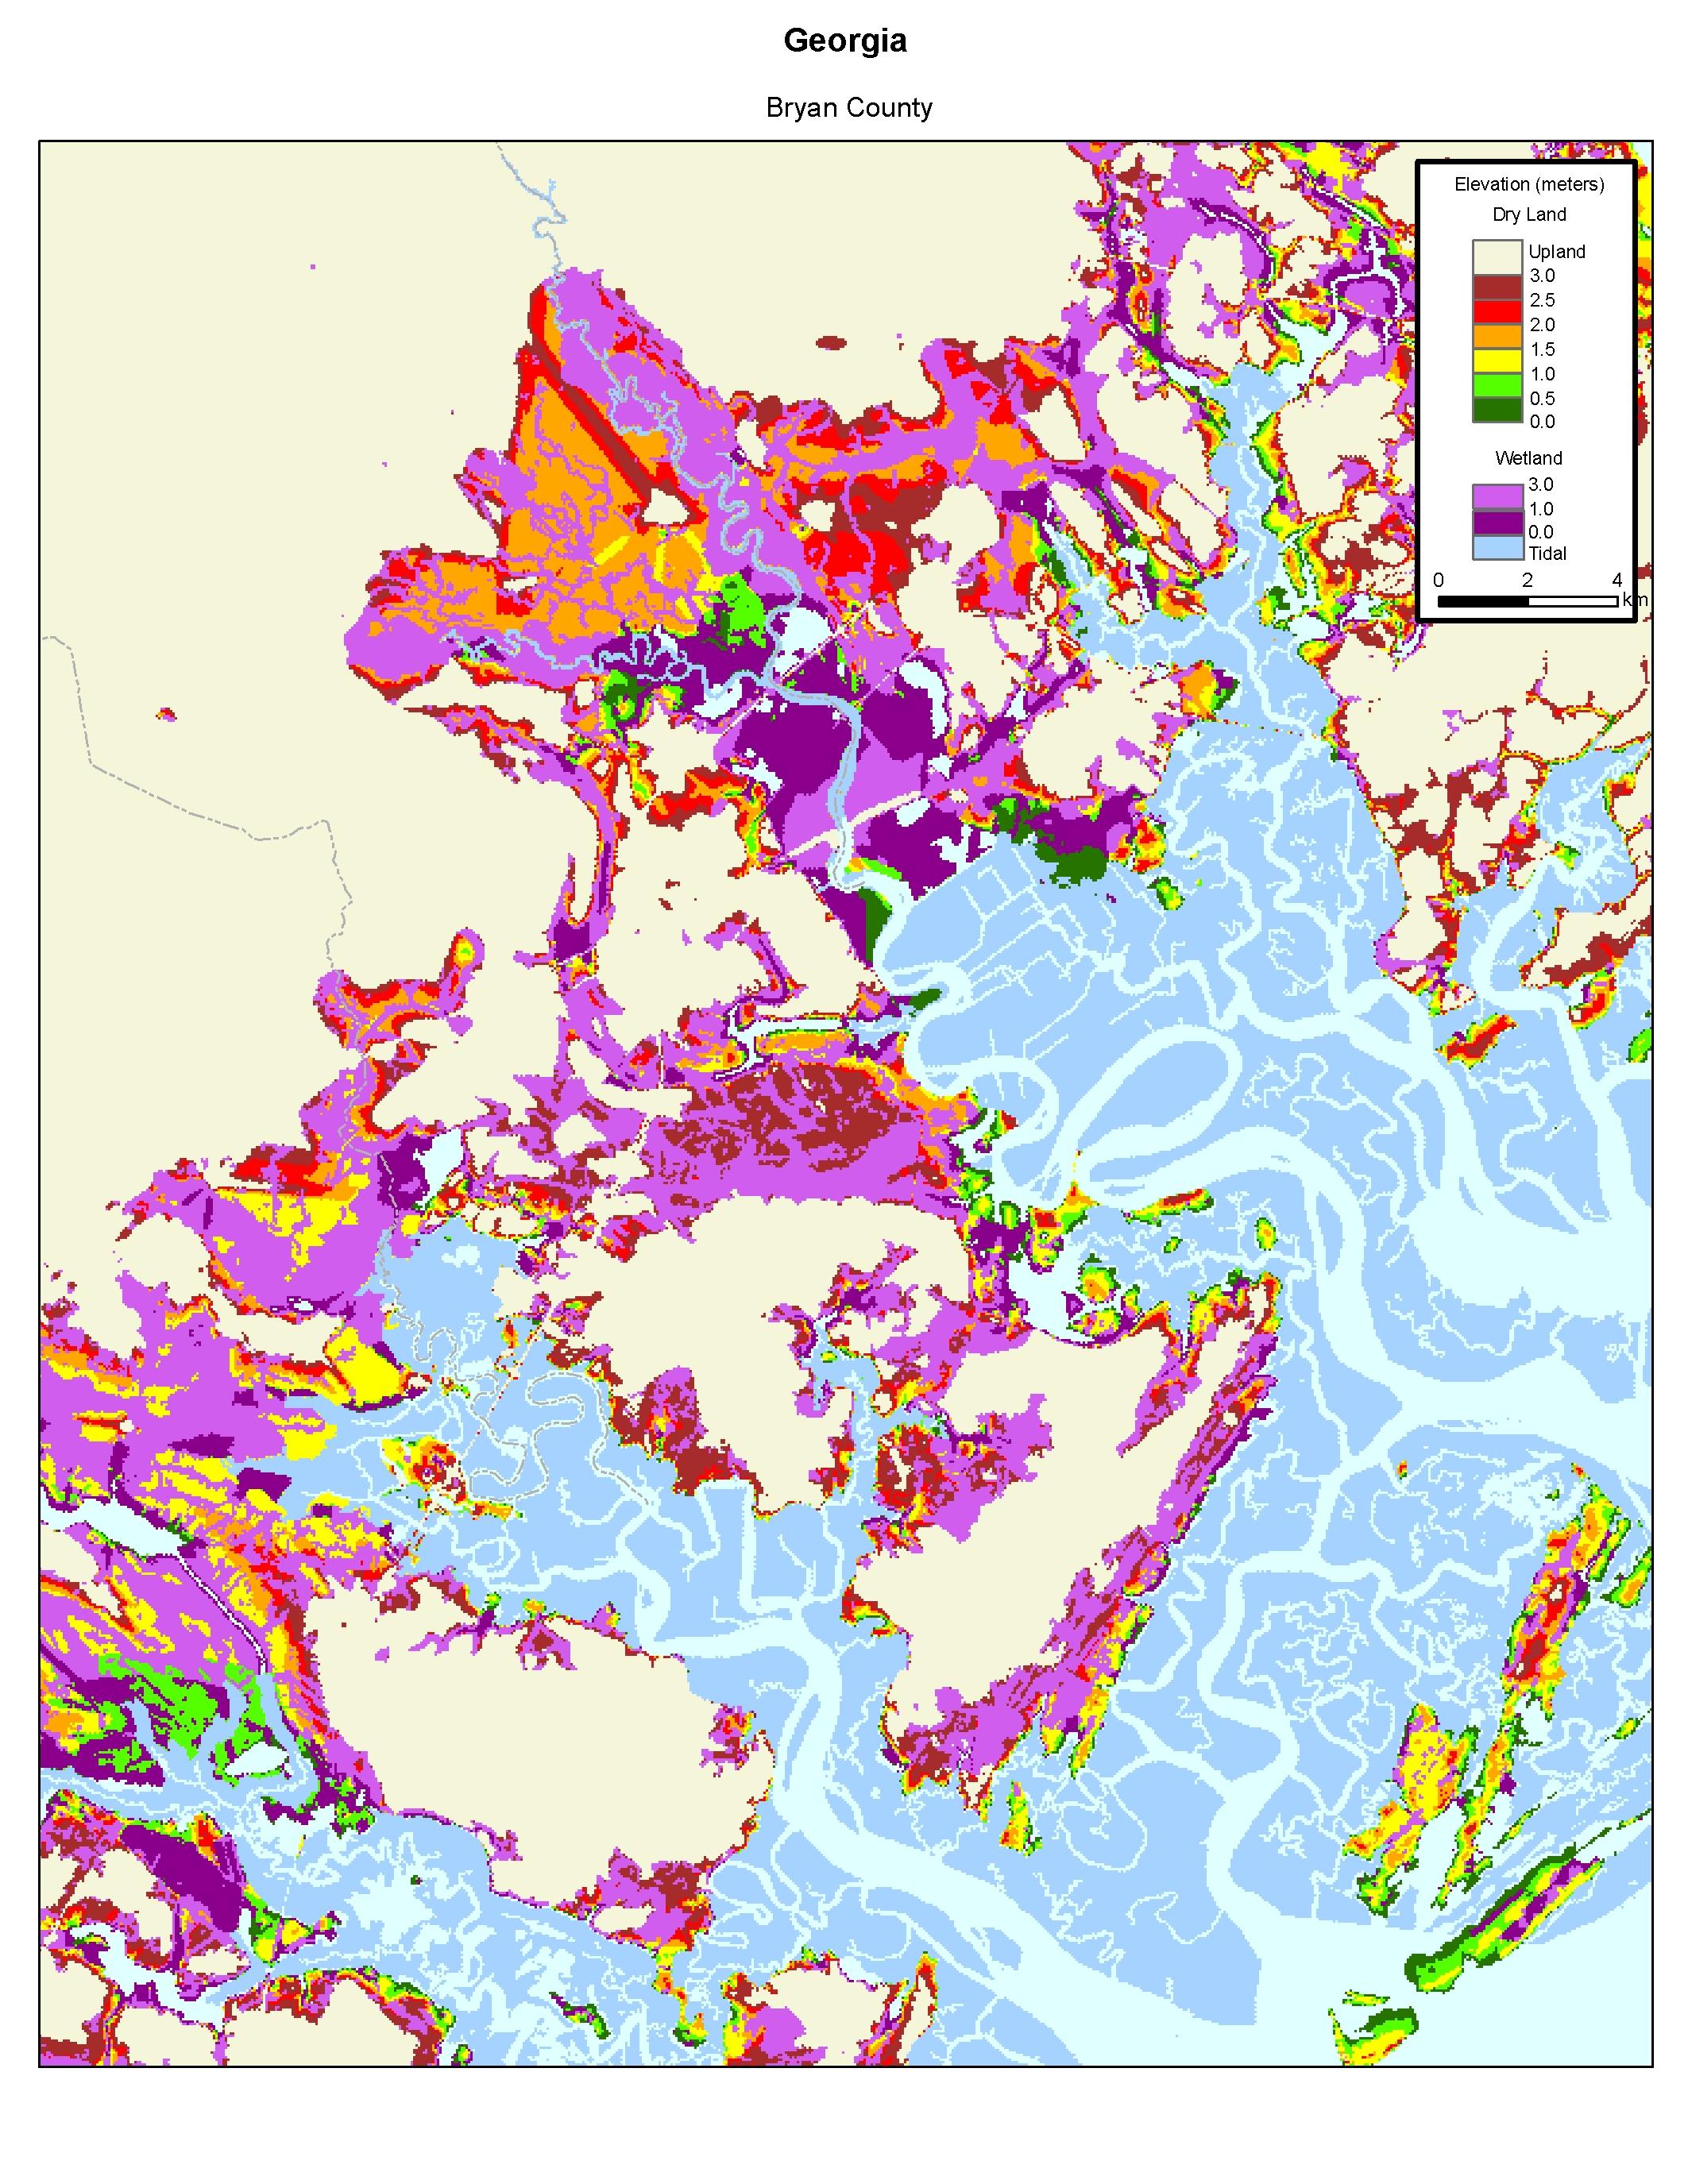 Map Of Georgia Elevation.More Sea Level Rise Maps Of Georgia